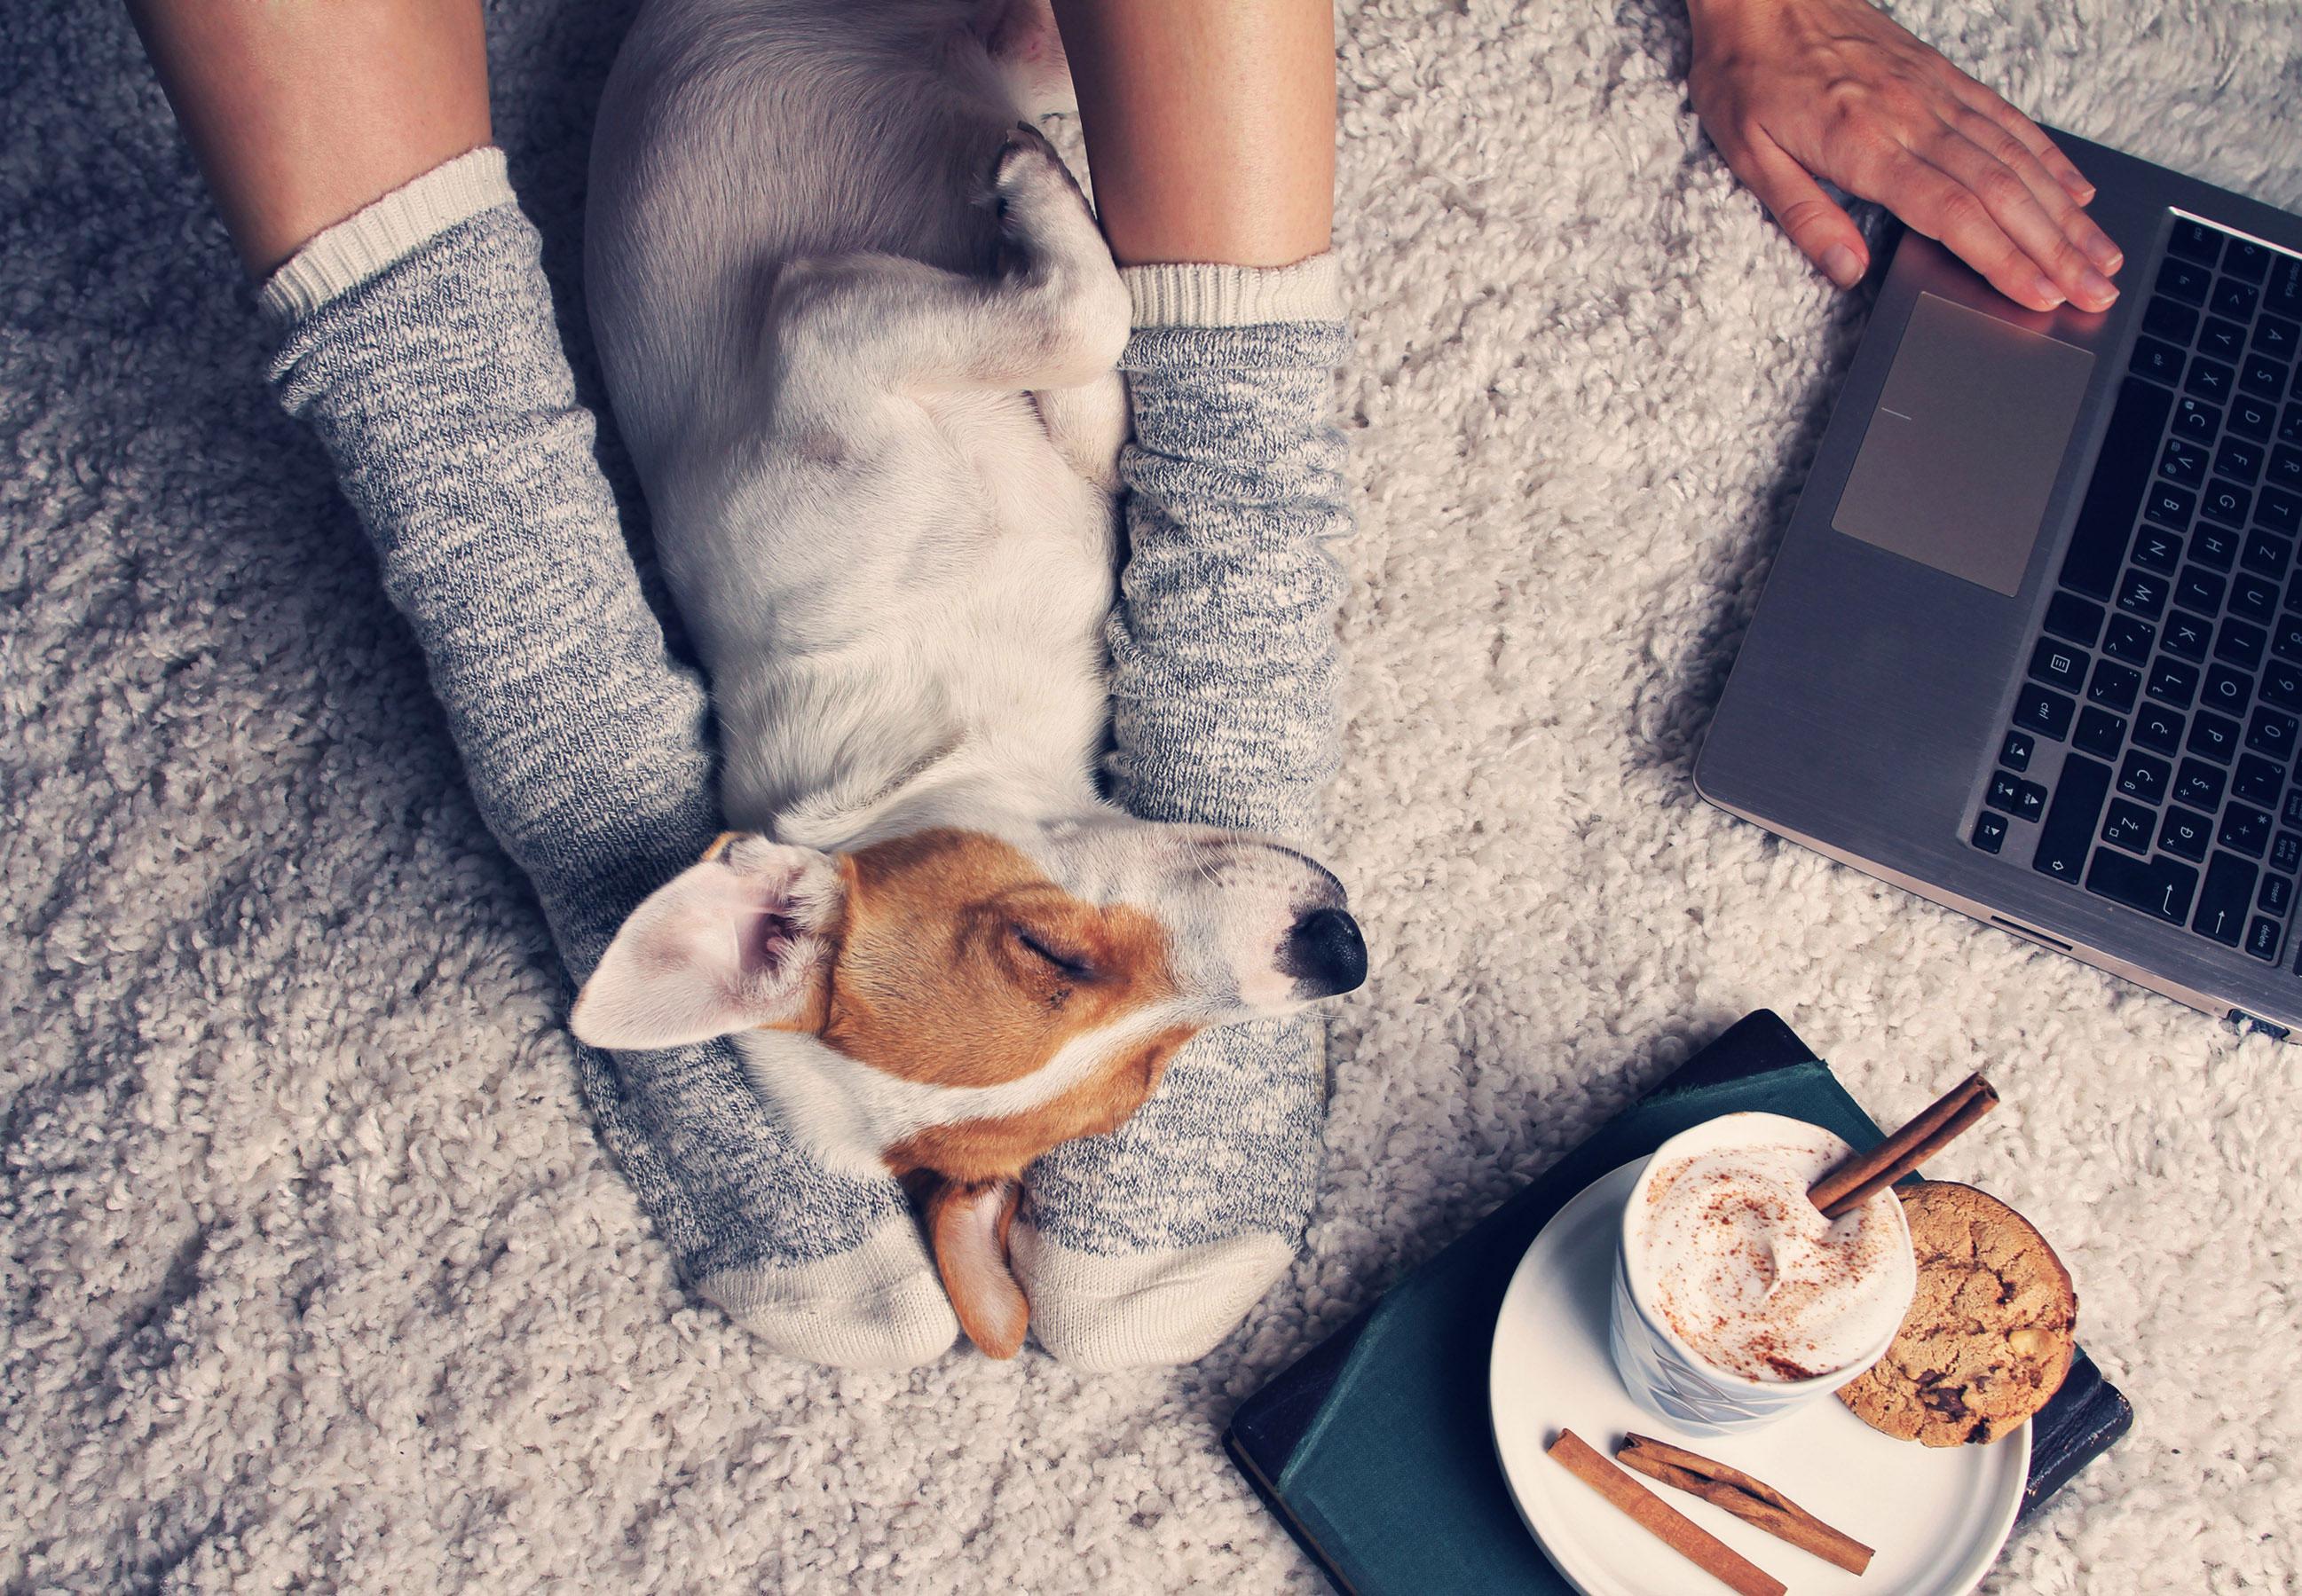 Une appli s'inspire de Tinder pour des rencontres entre propriétaires de chiens